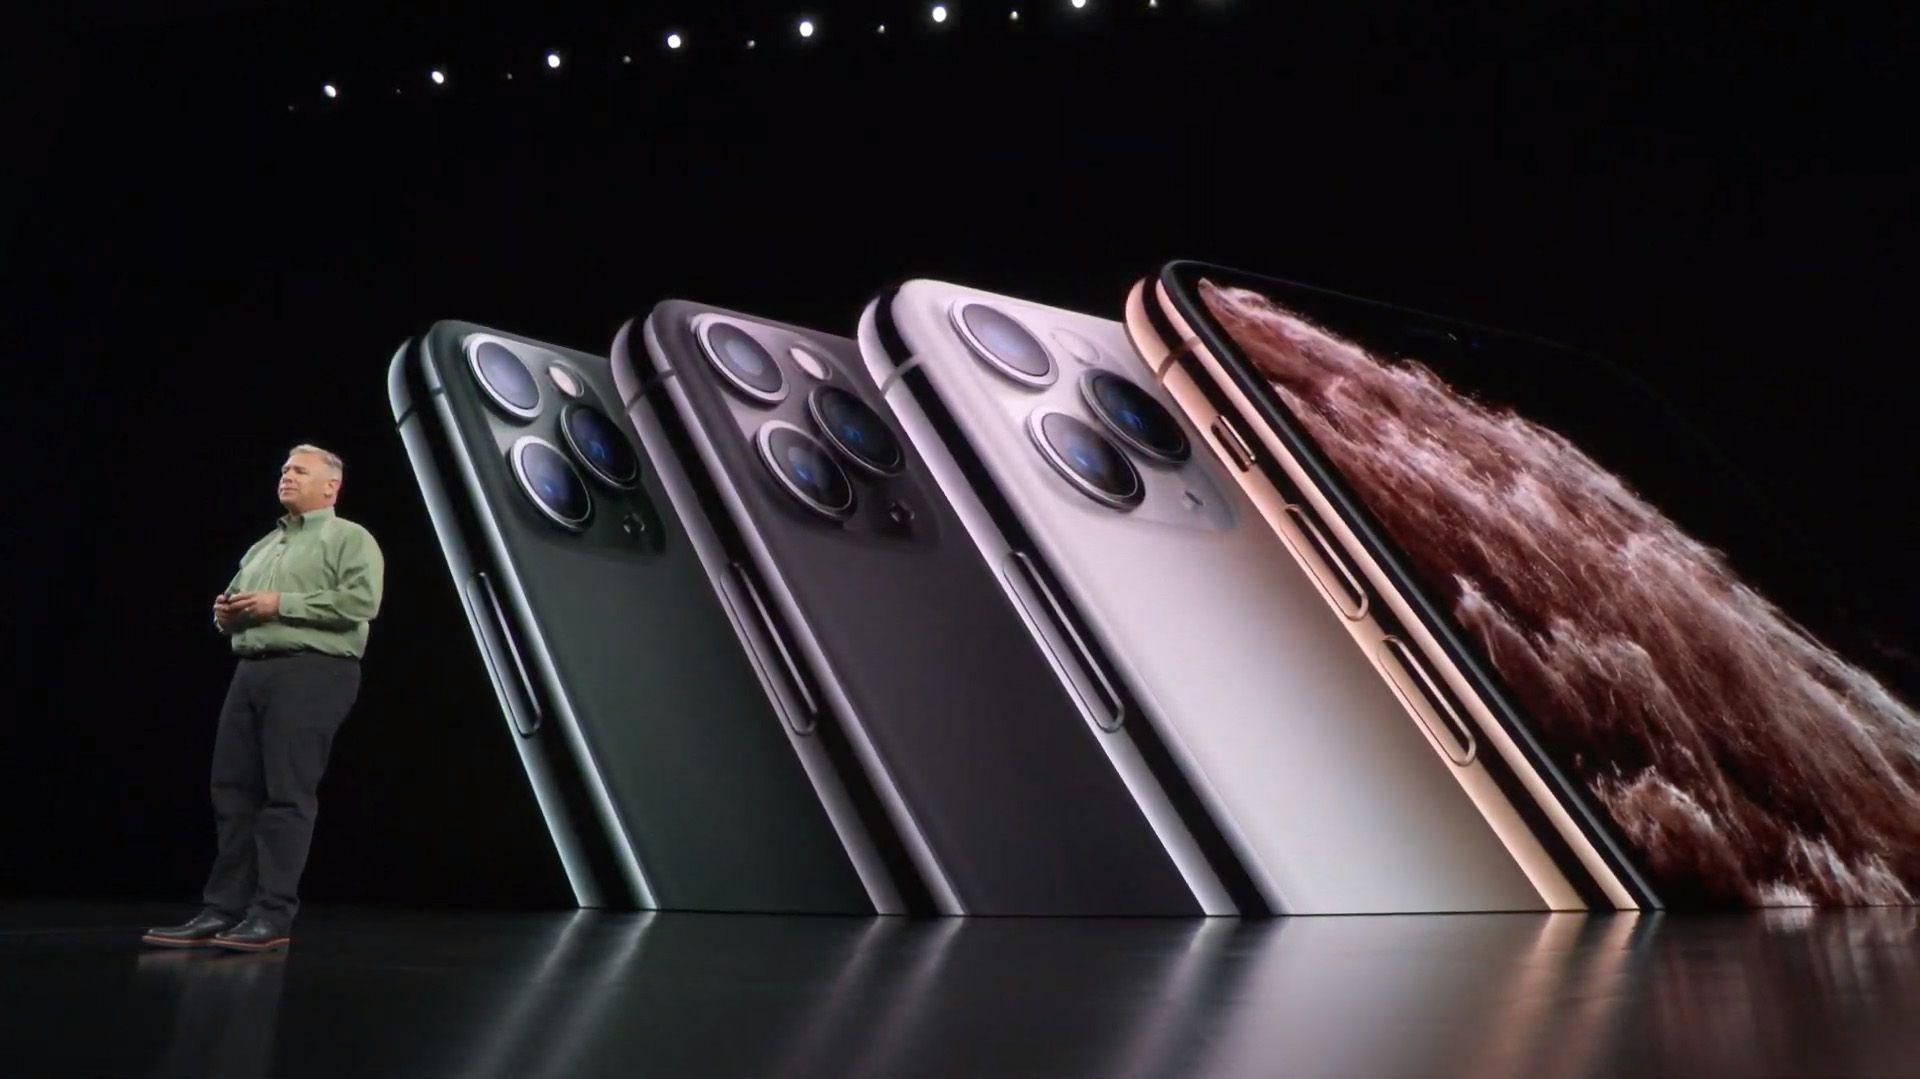 Una comparativa de diferentes aspectos muestra aquellos en los que Apple es superior, así como otros en los que sus competidores directos destacan más. (Foto: Archivo)